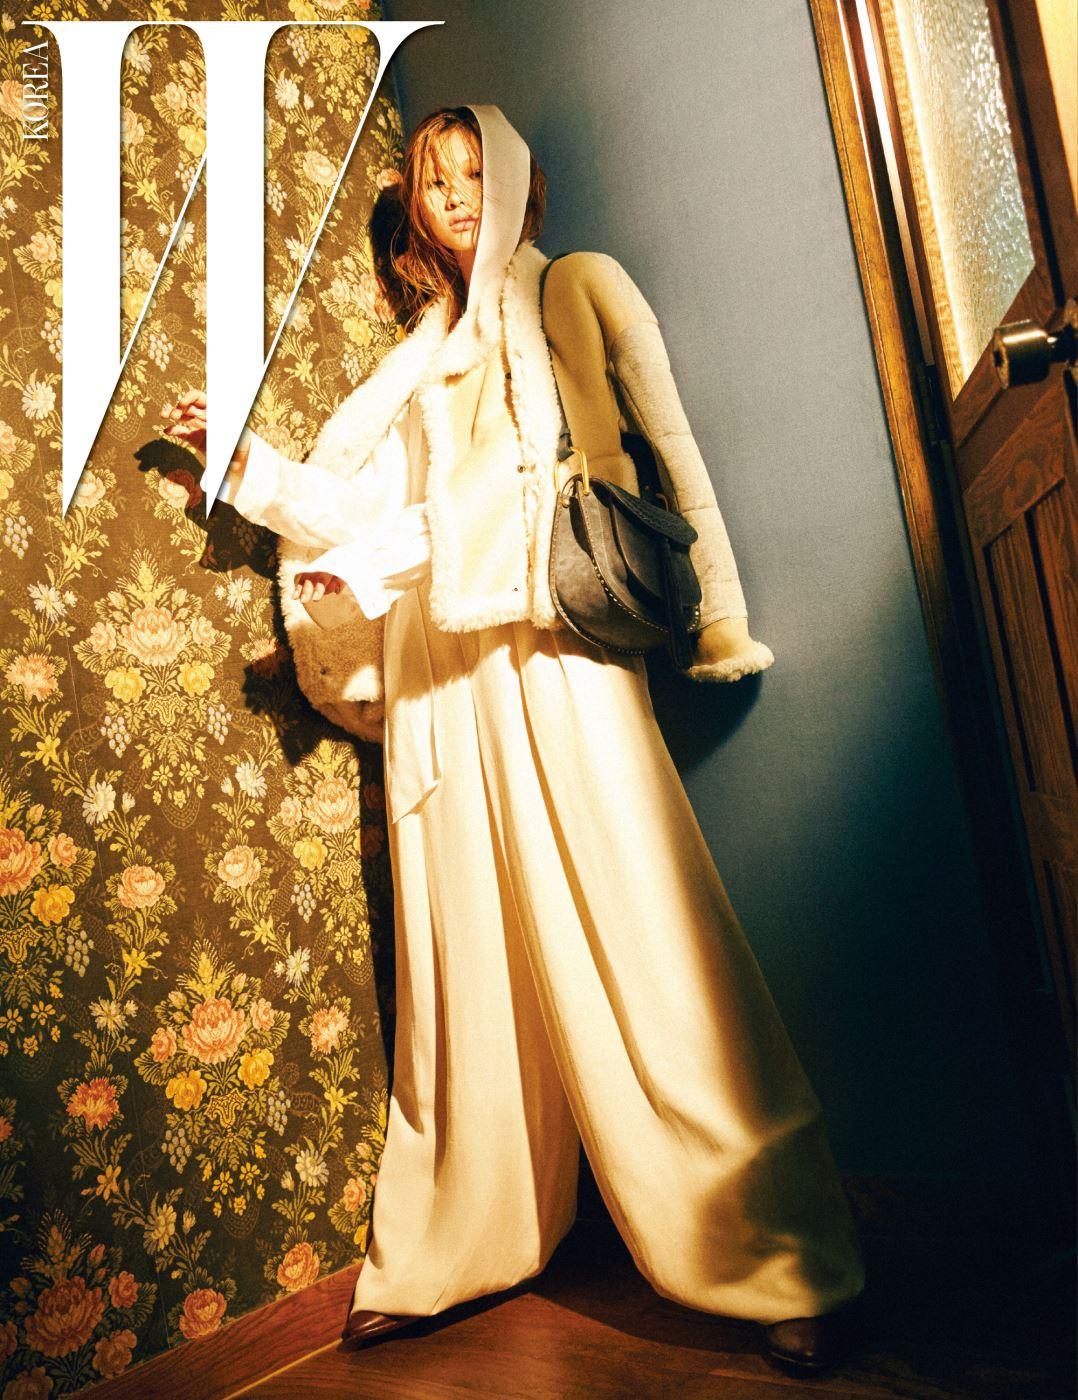 큼직한 무통 재킷, 독특한 주름이 생기는 통 넓은 아이보리색 팬츠, 긴 타이 장식의 블라우스, 자주색 가죽 레이스업 부츠, 태슬 장식의 허드슨 백은 모두 Chloe 제품.